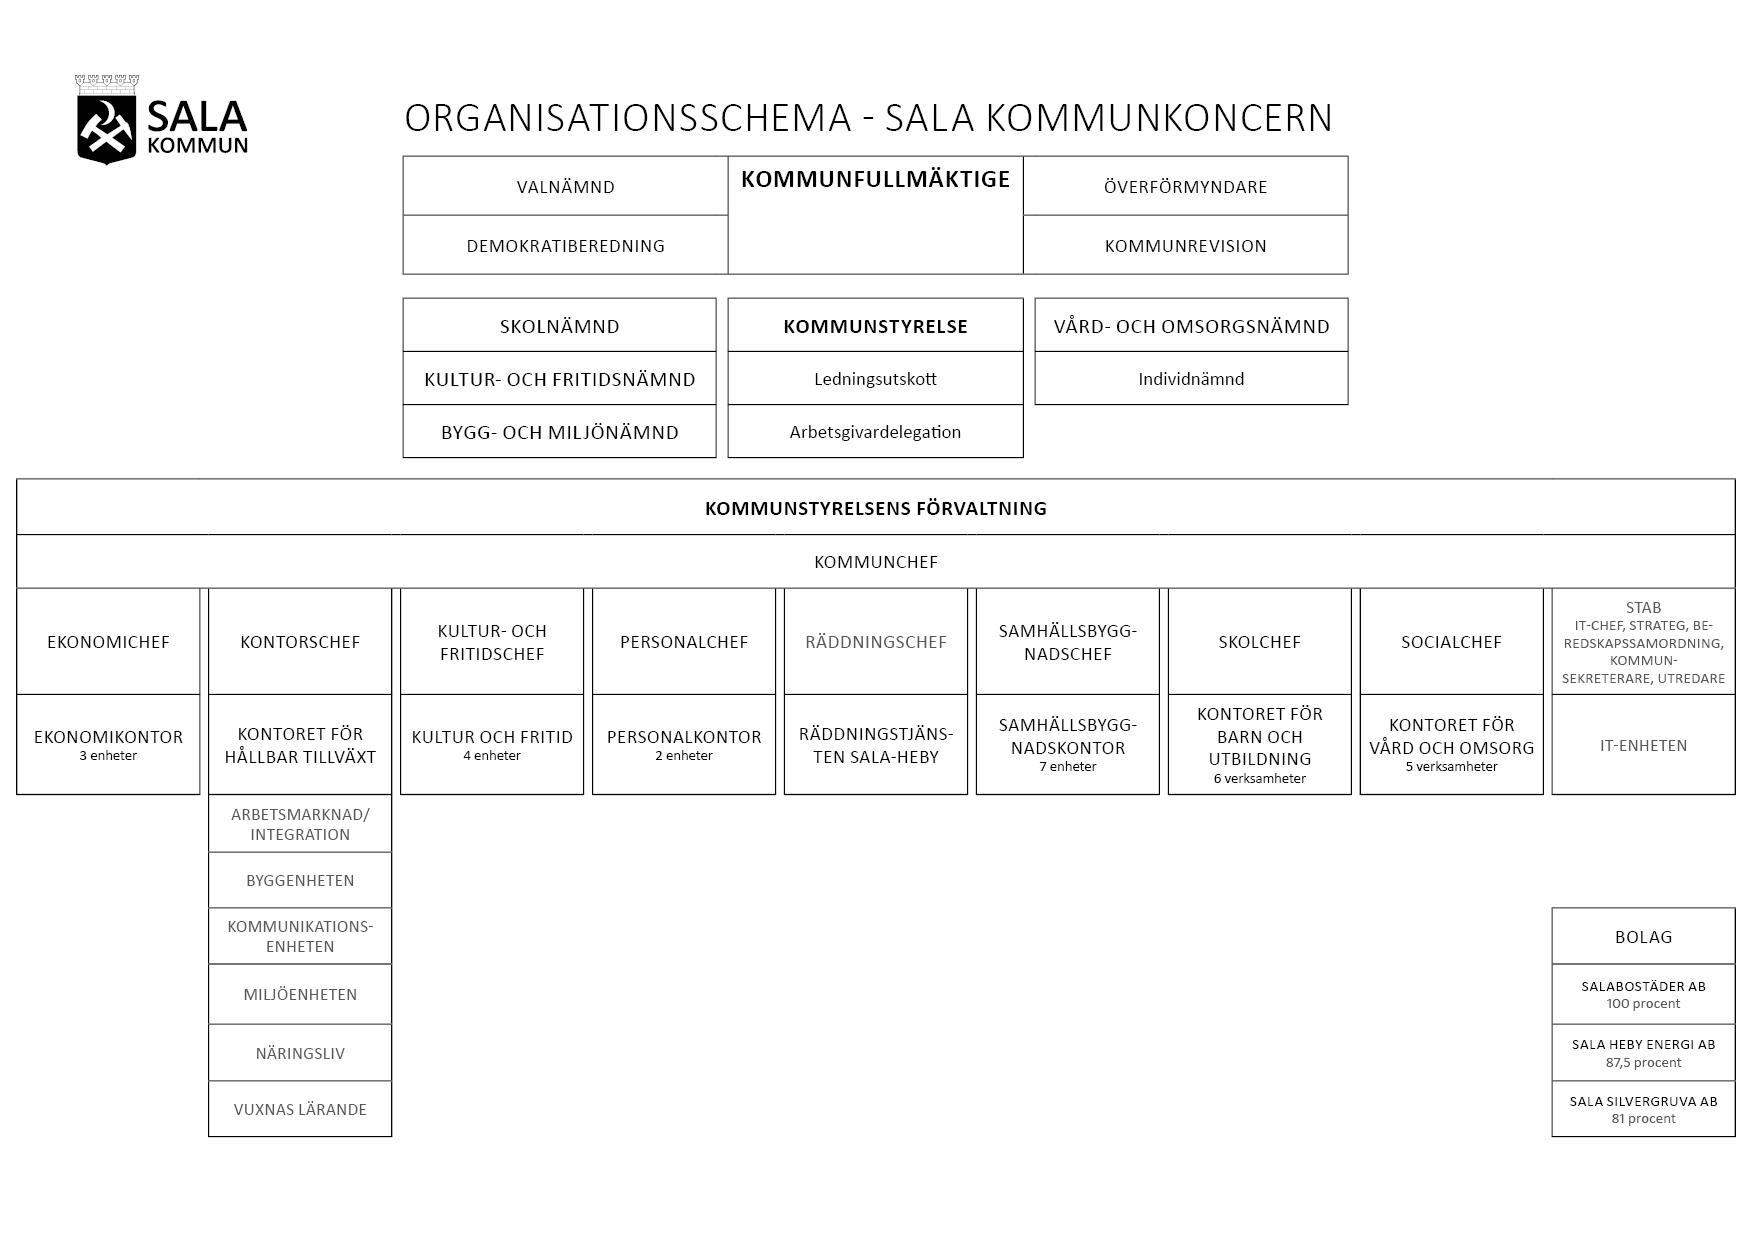 Organisationsschema för Sala kommunkoncern (svartvit version)